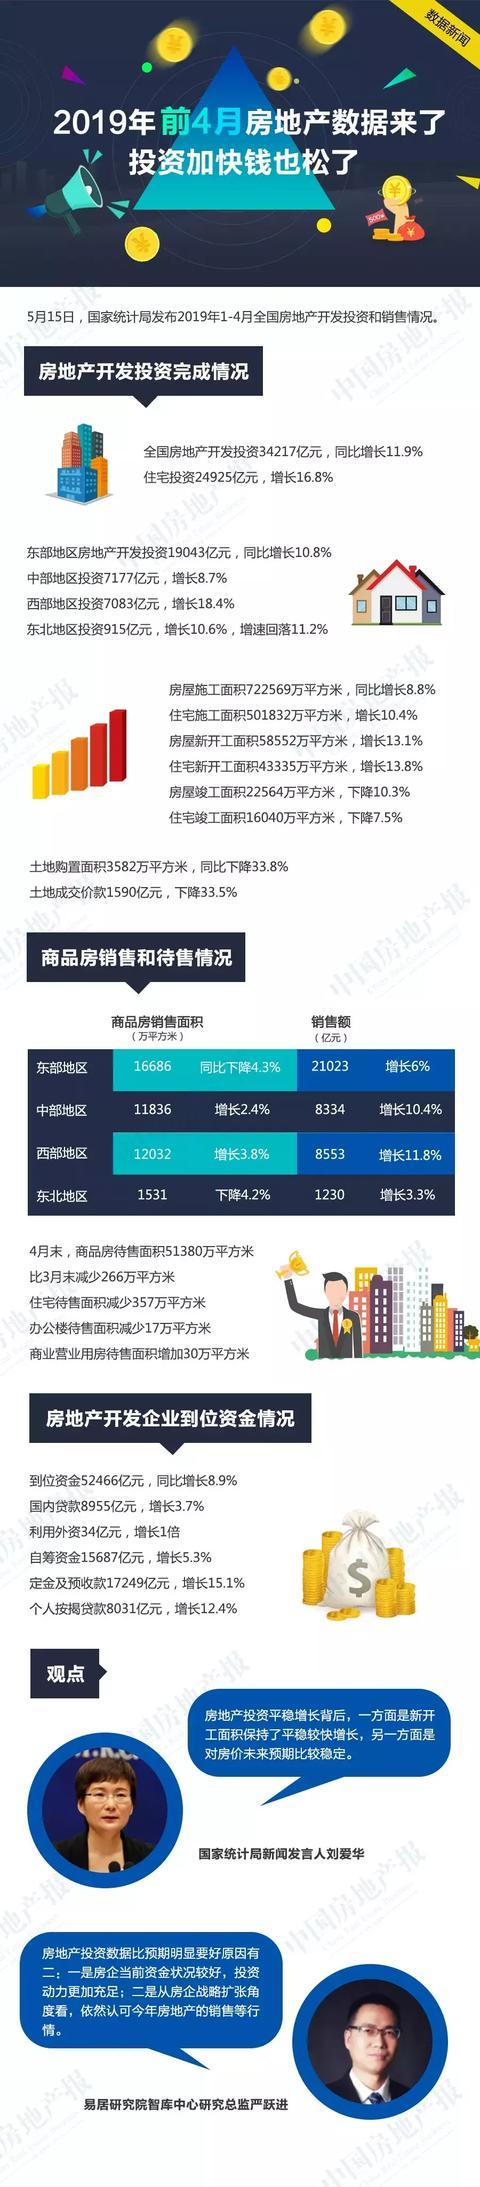 数据新闻|2019年前4月房地产数据来了,投资加快钱也松了